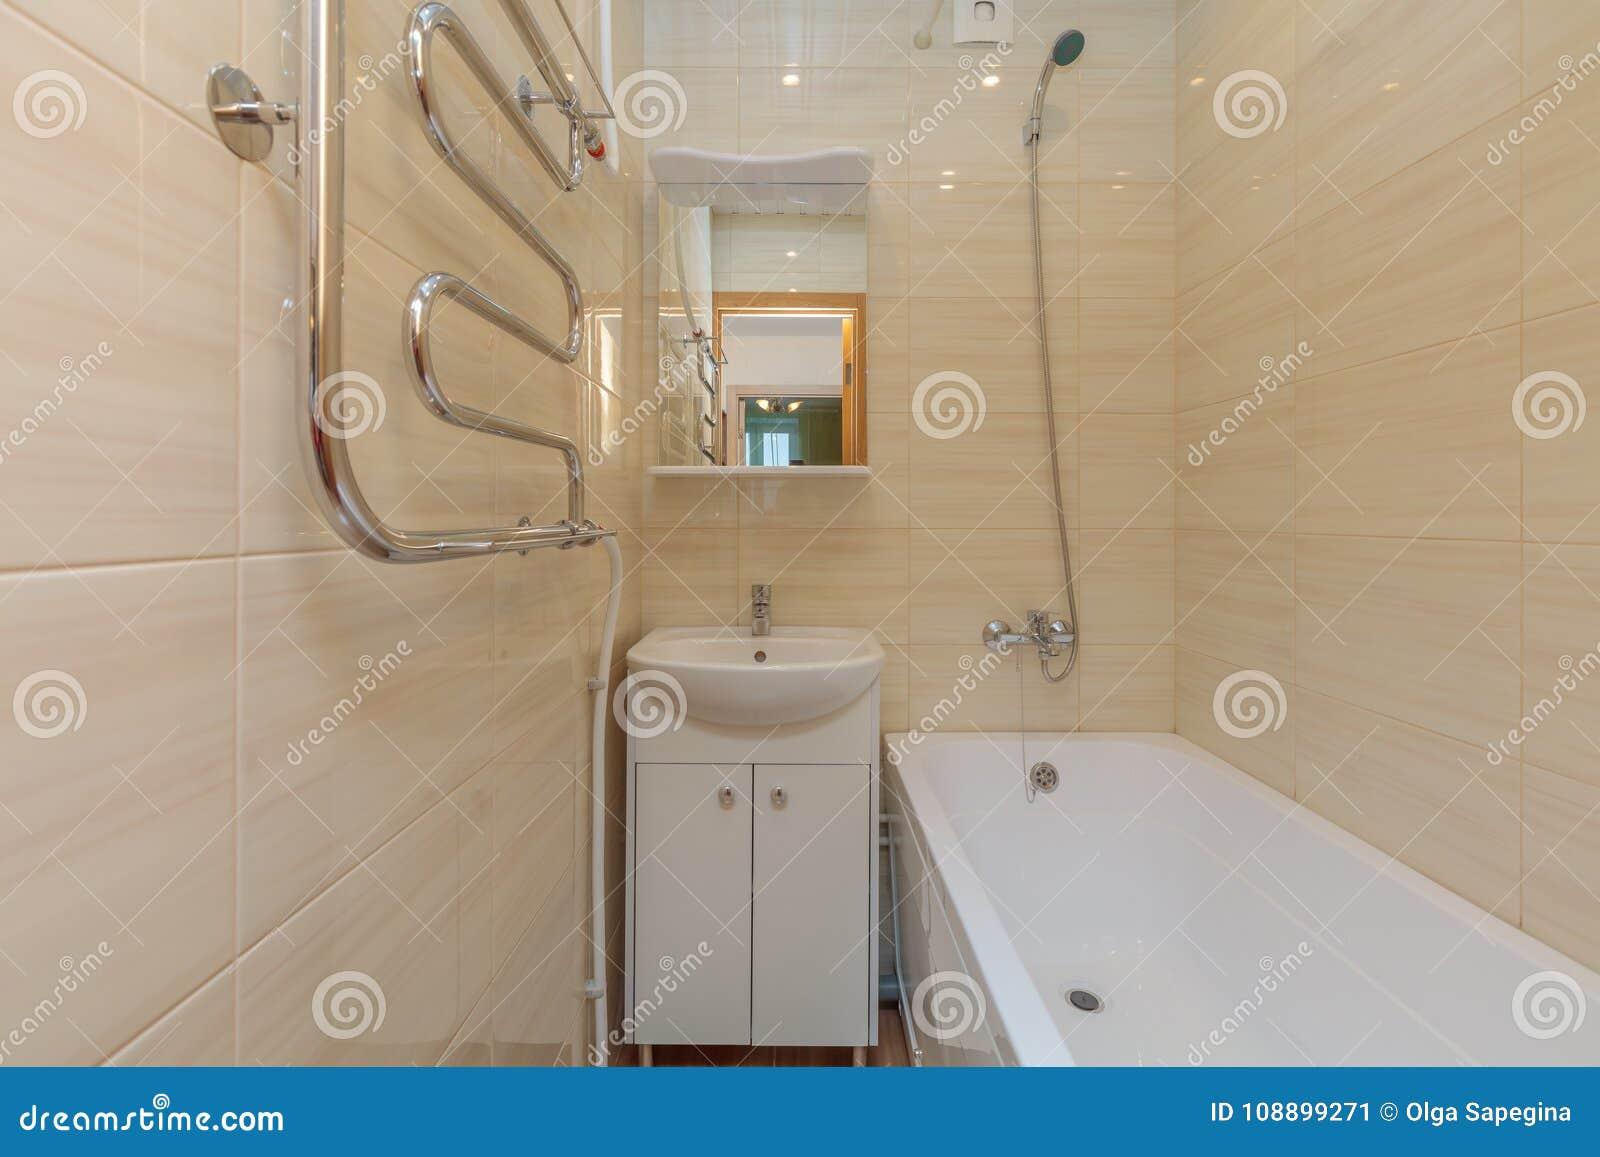 Bagno Beige Piccolo : Piccolo bagno beige immagine stock. immagine di luce 108899271